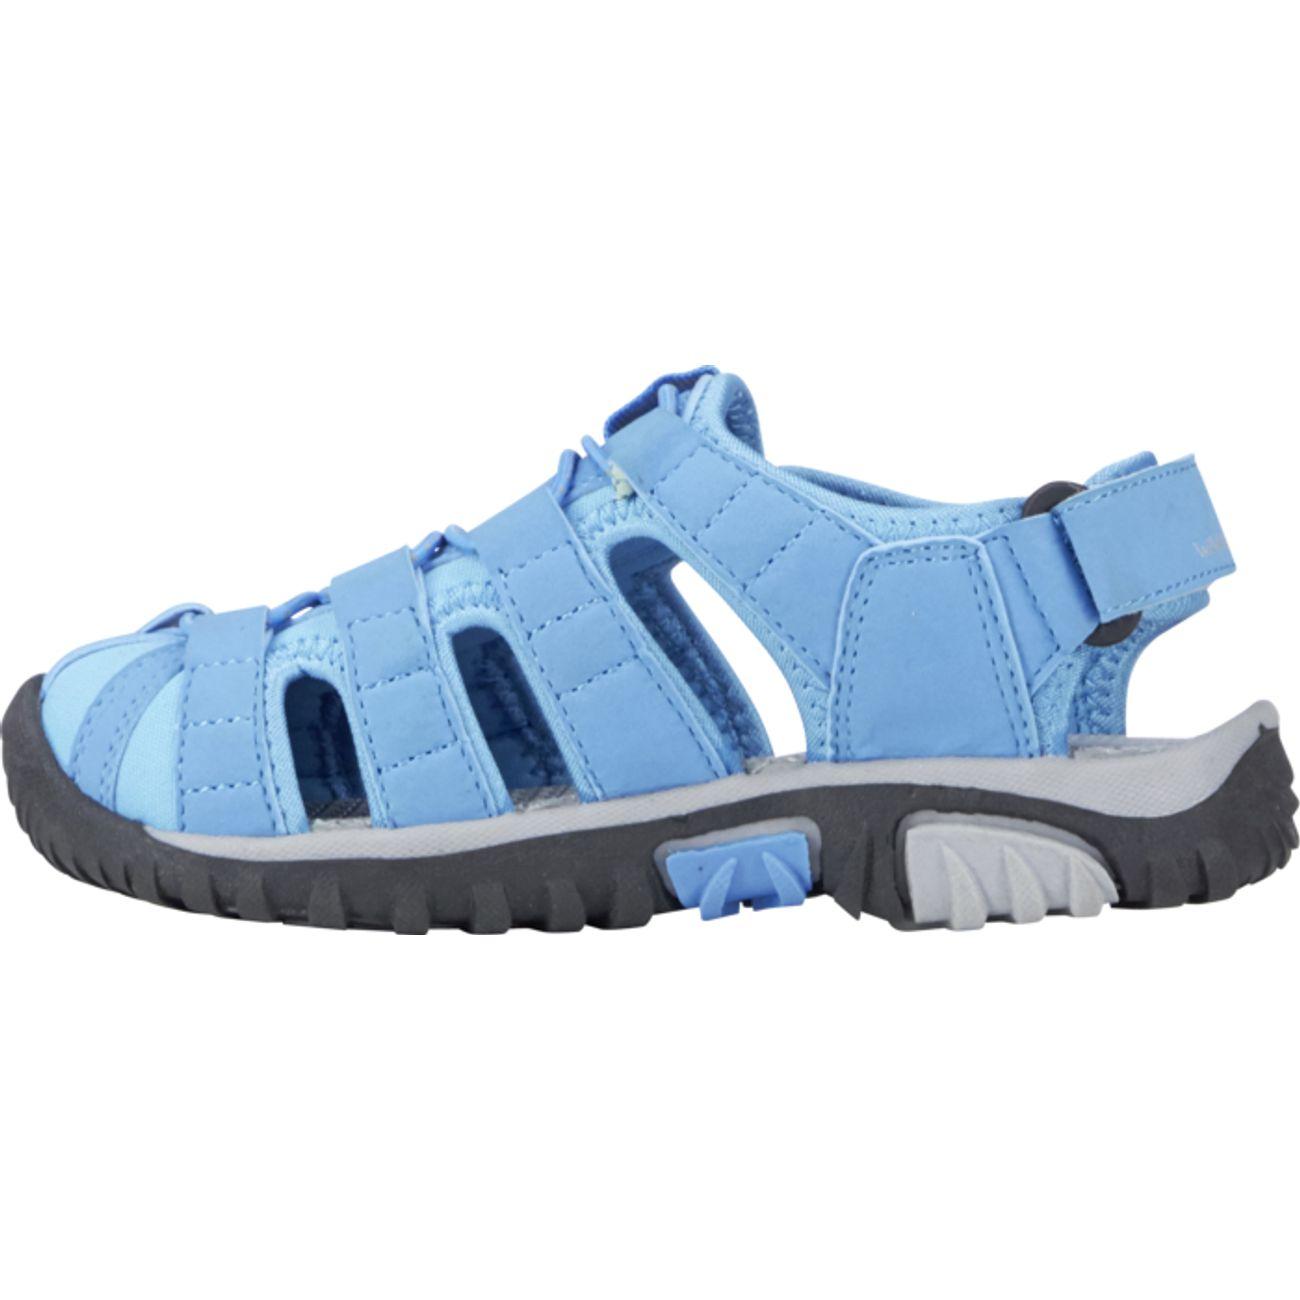 WANABEE Sandales Sand 300 Junior - Enfant - Bleu PyRKR